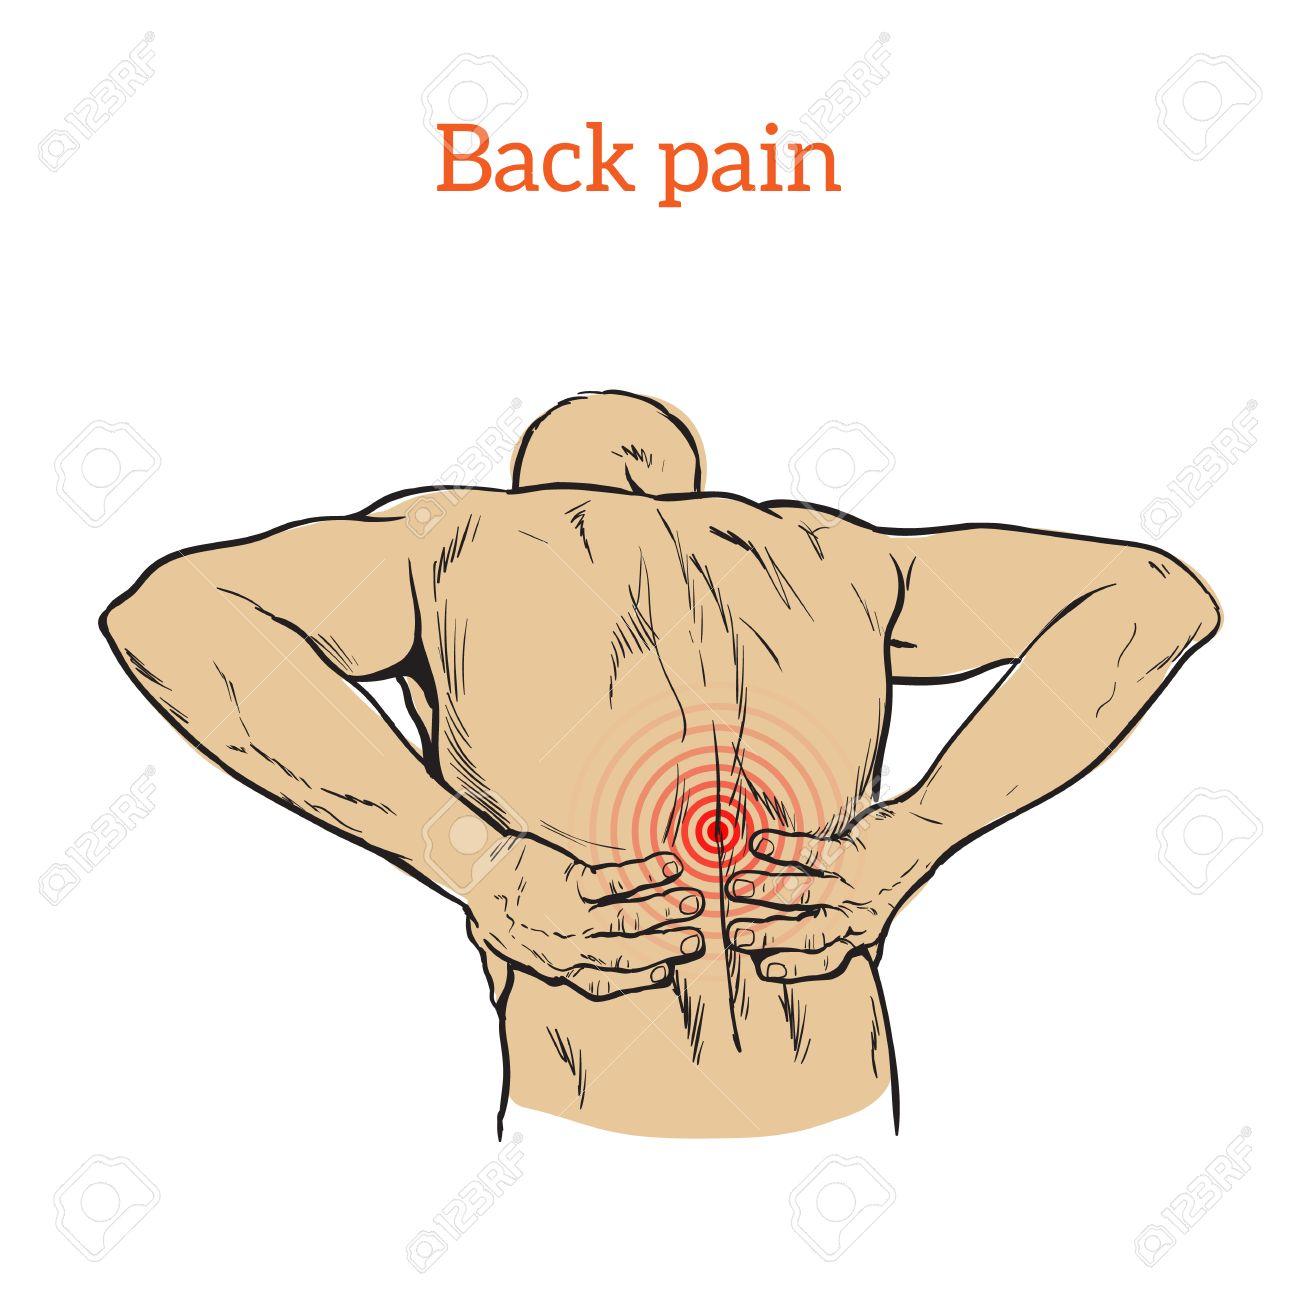 Asombroso Diagrama De La Musculatura De La Espalda Friso - Imágenes ...